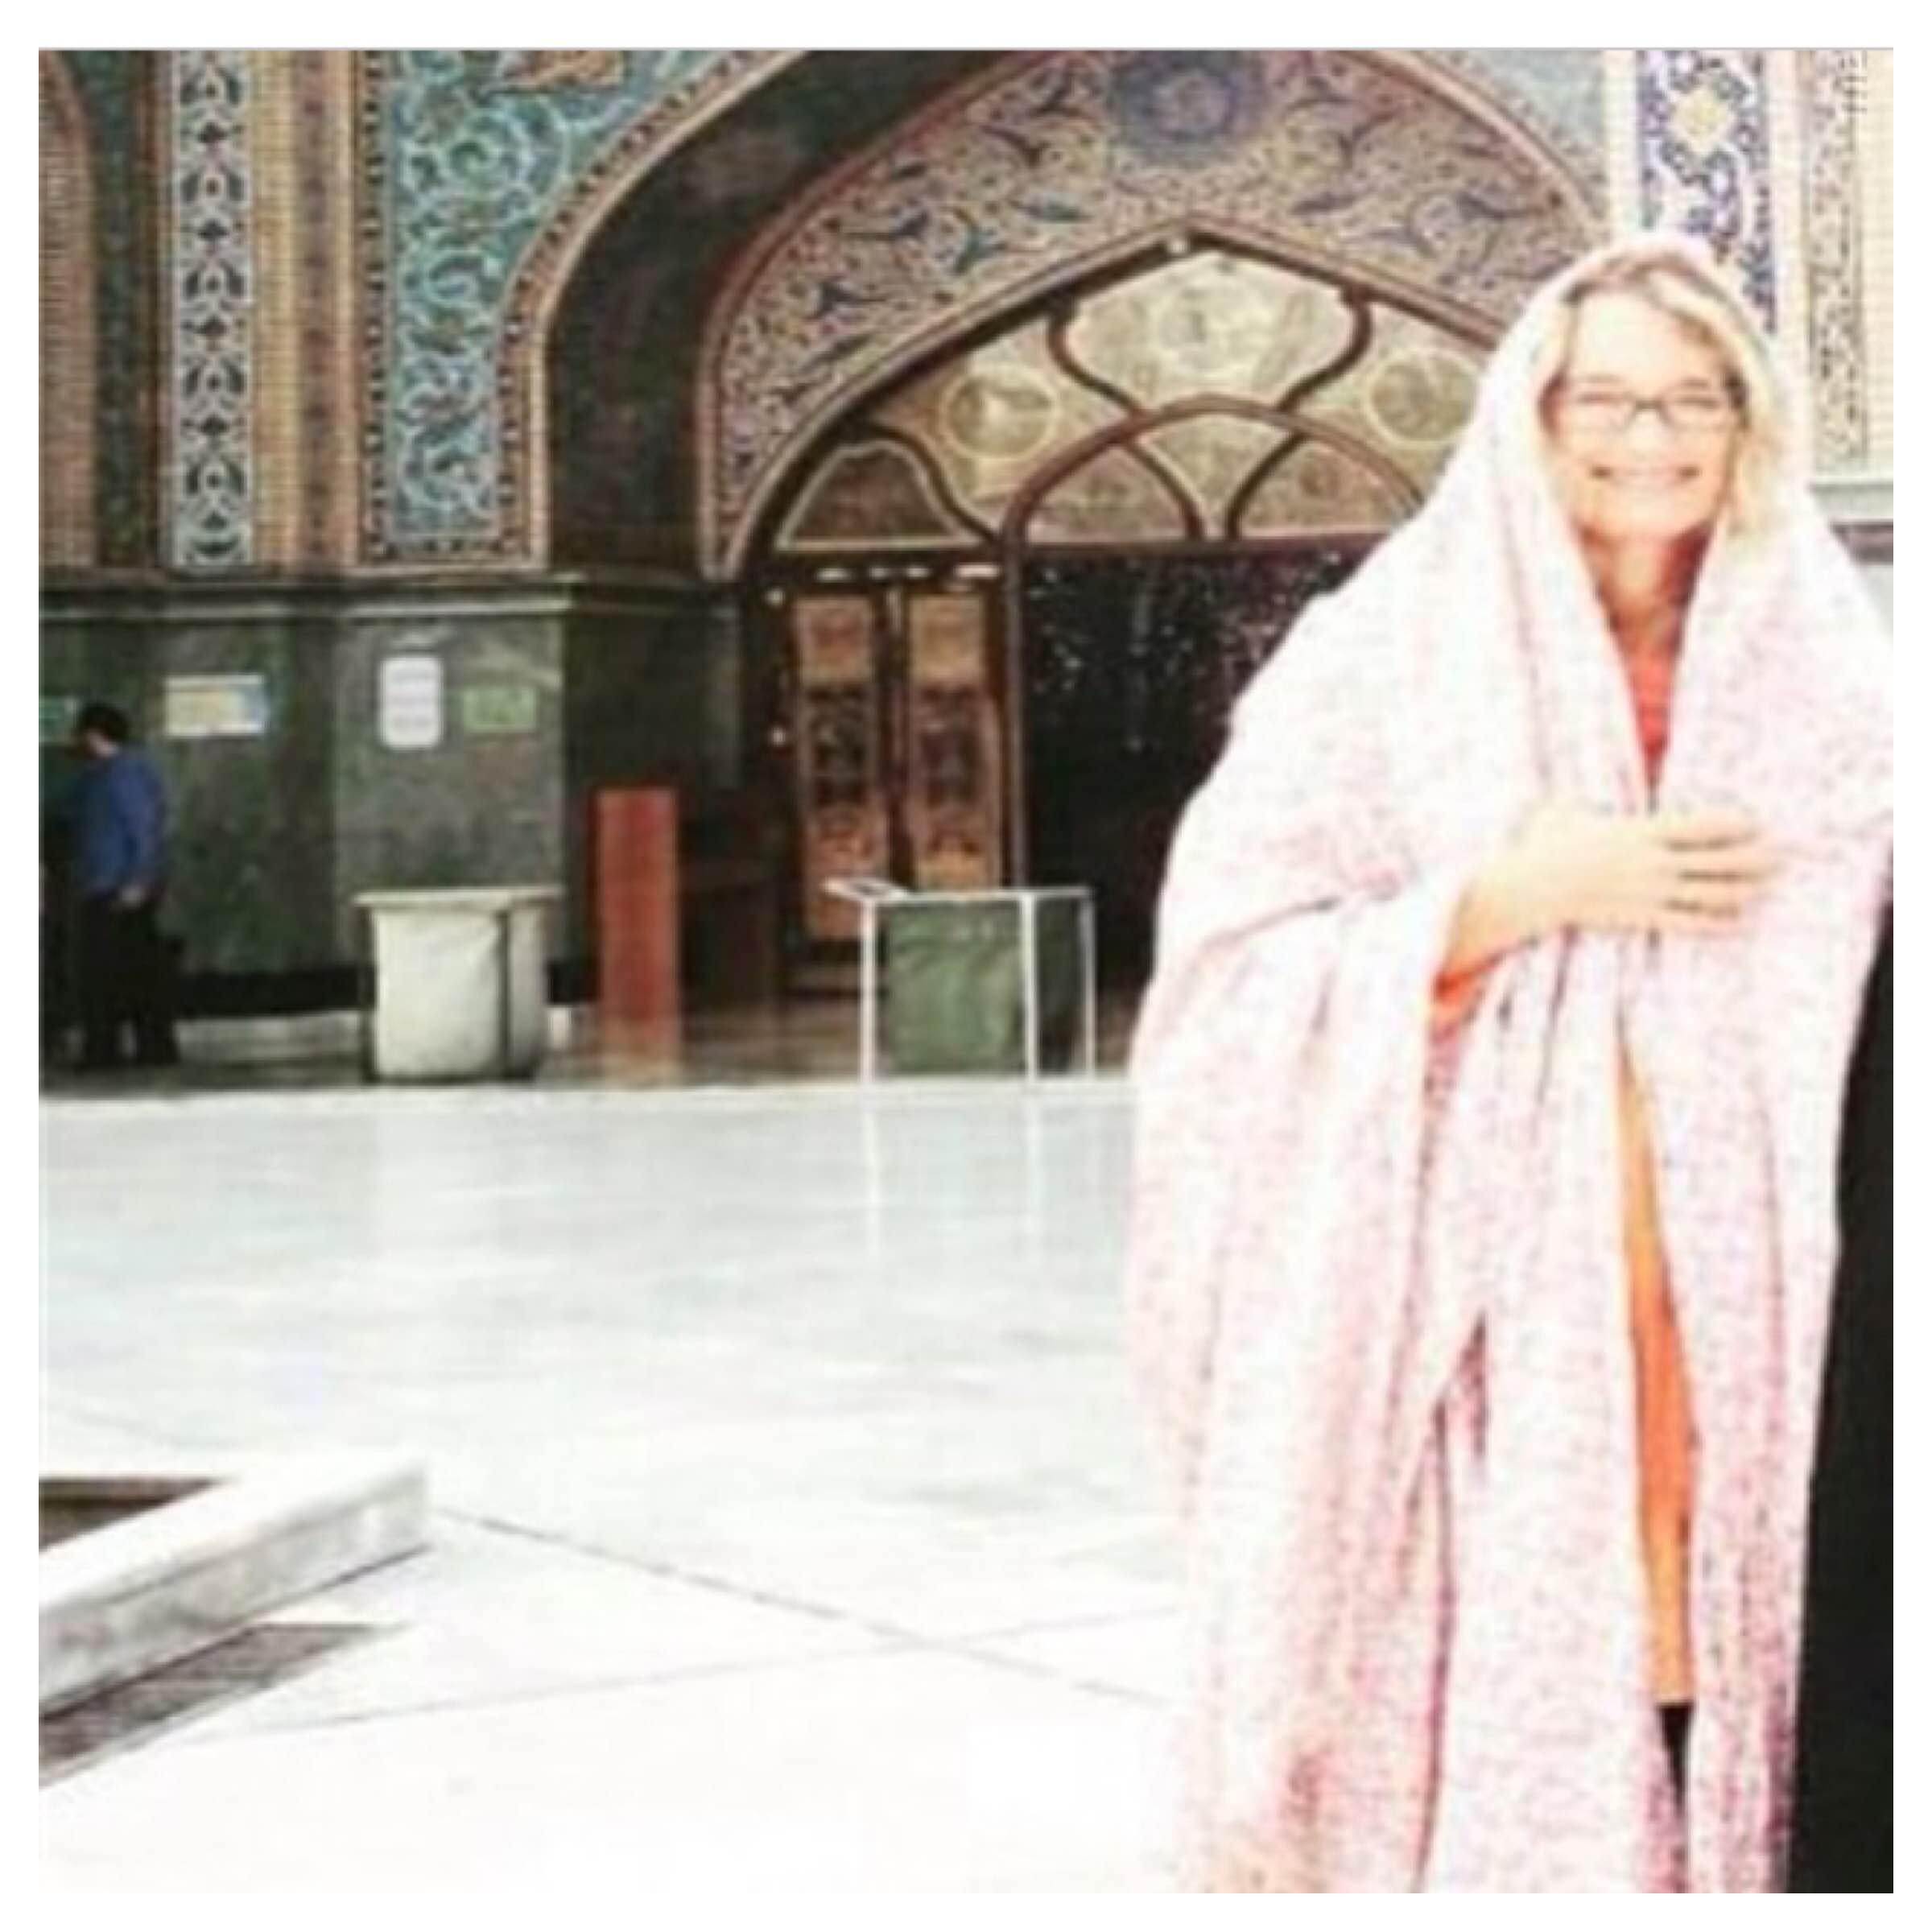 مدیر آمریکایی در امامزاده صالح، چادری شد